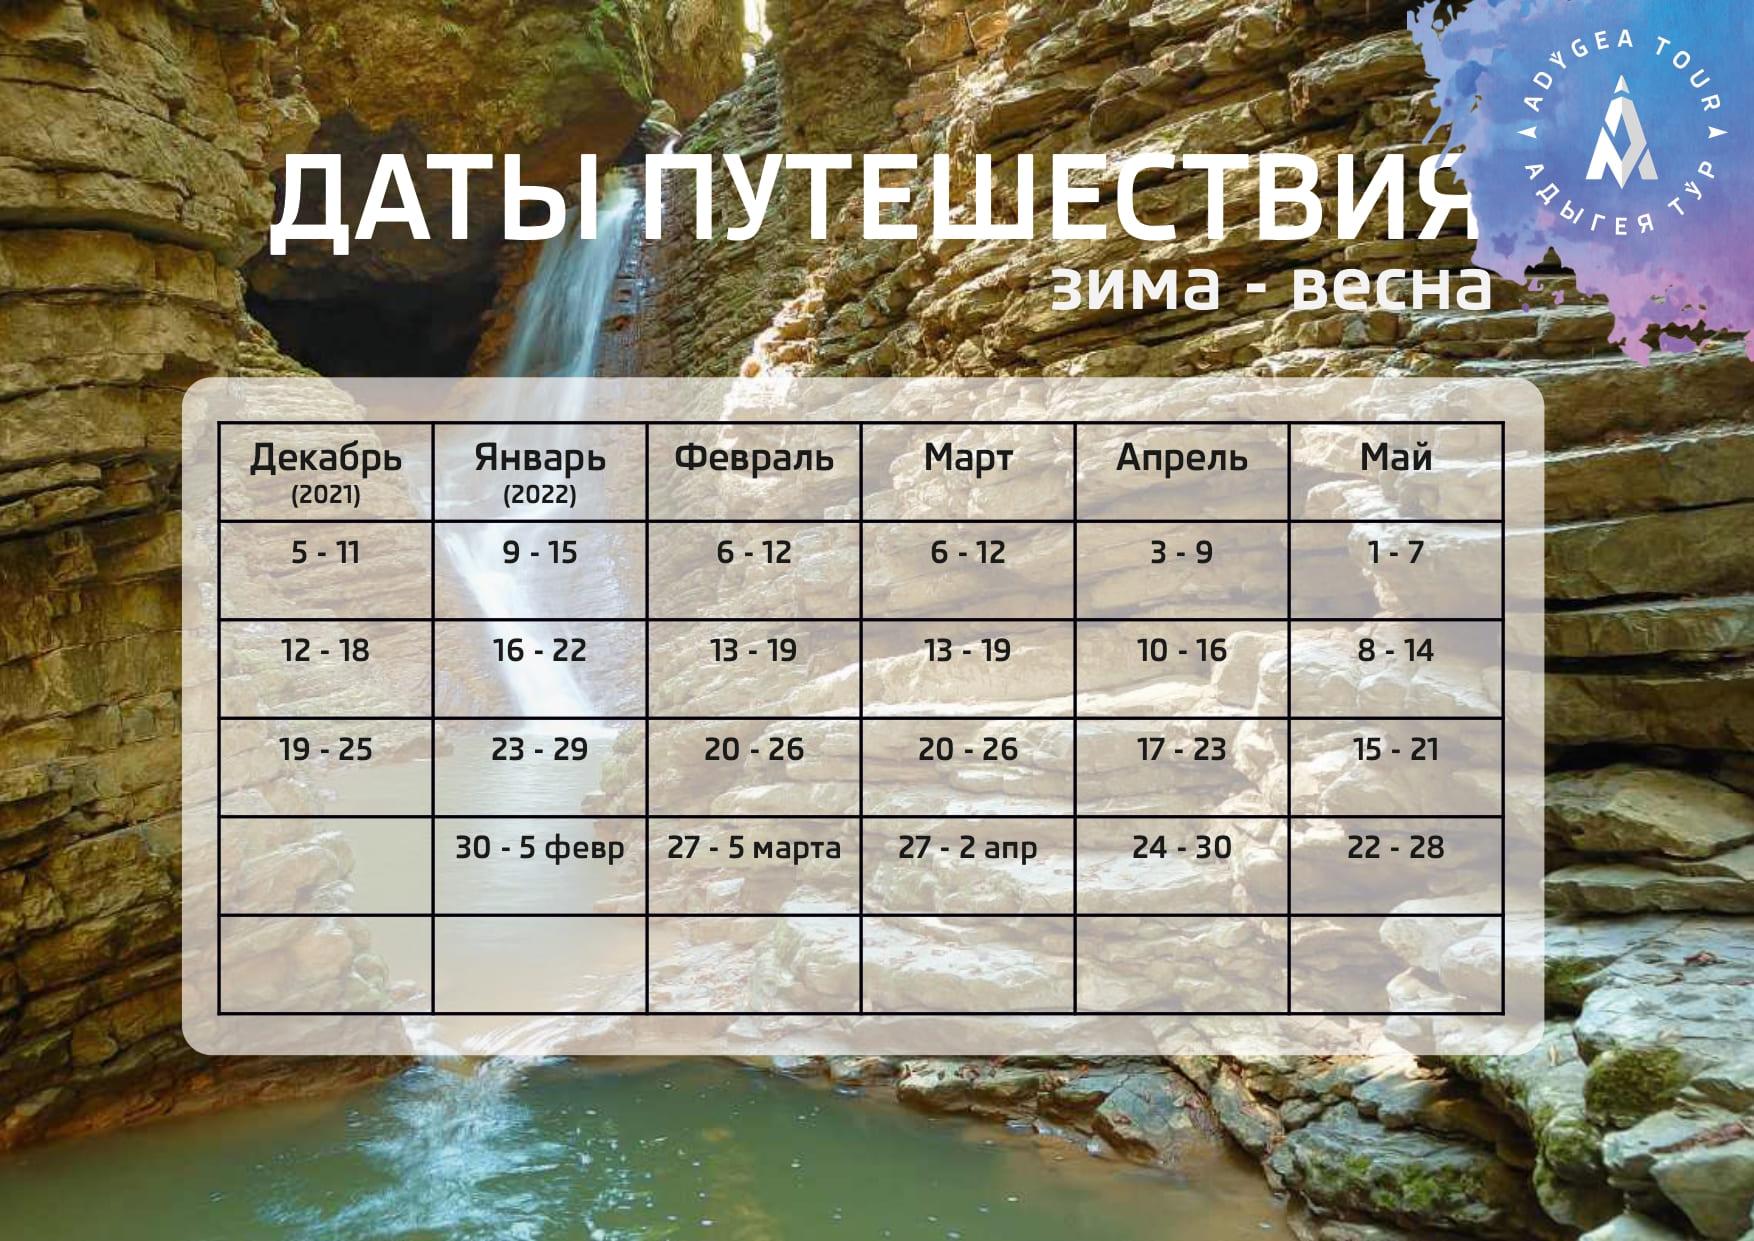 Адыгея активный тур_compressed (2)_page-0004